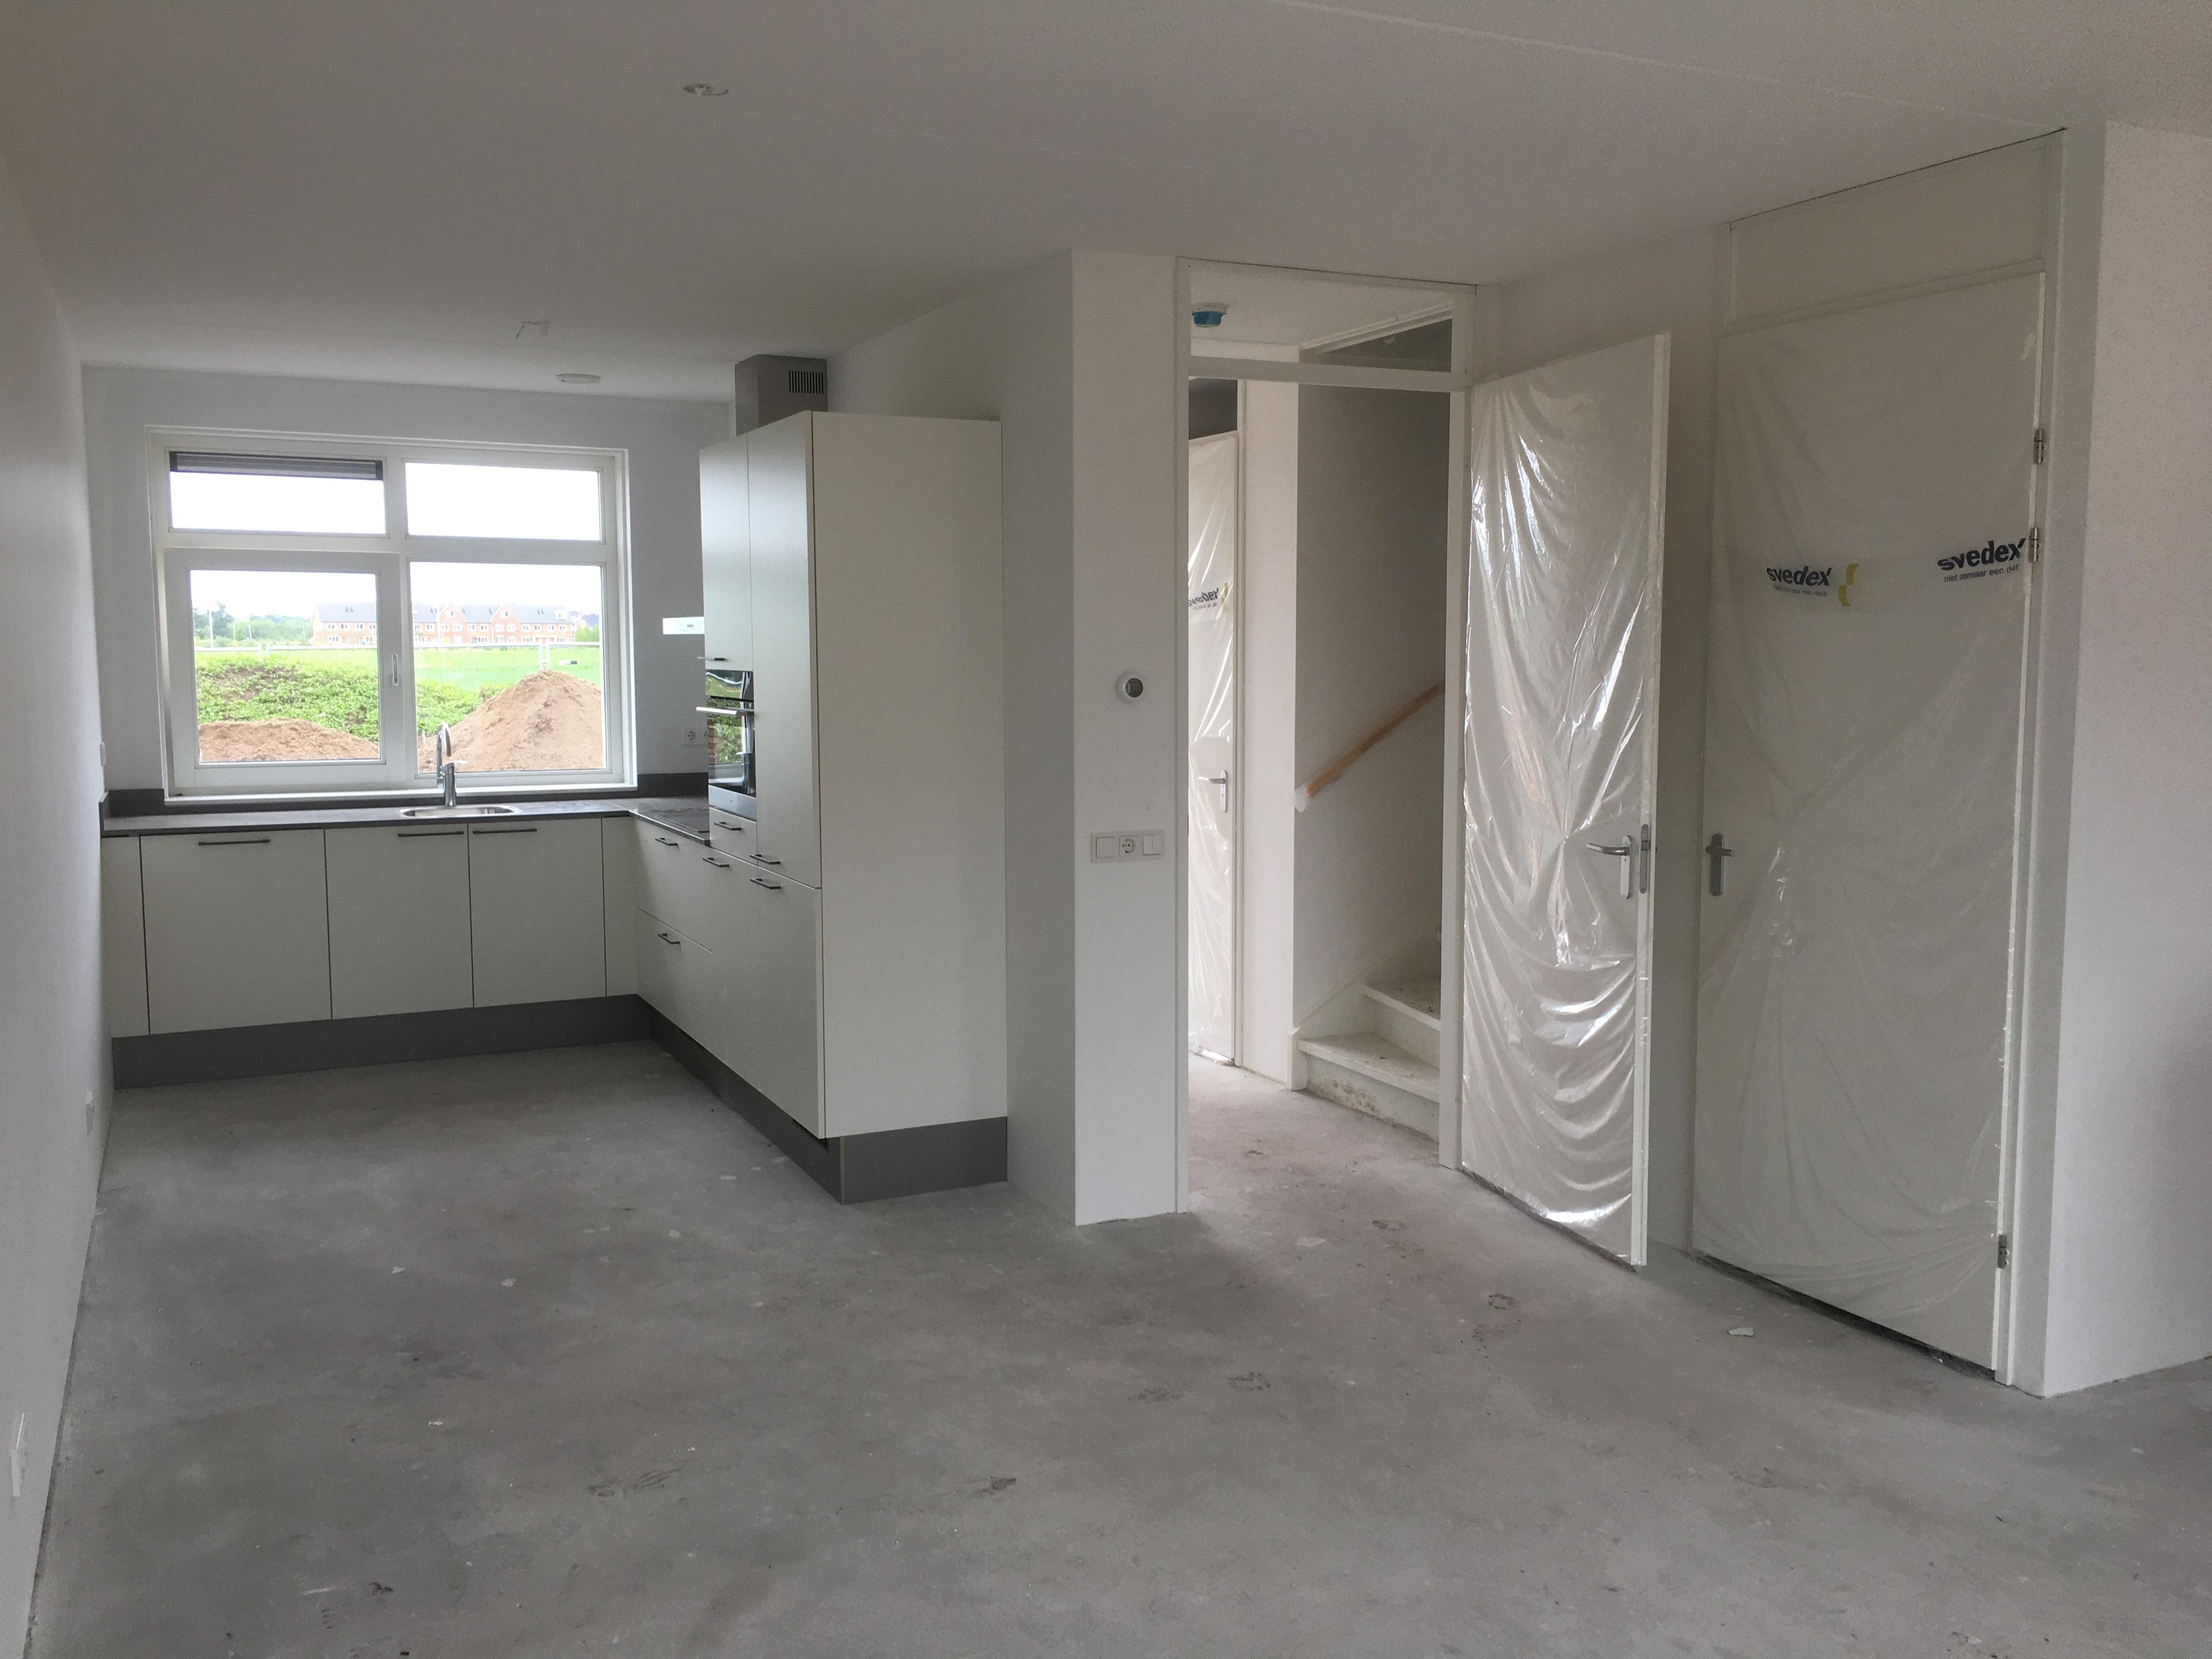 30 Nieuwbouw woningen Apeldoorn